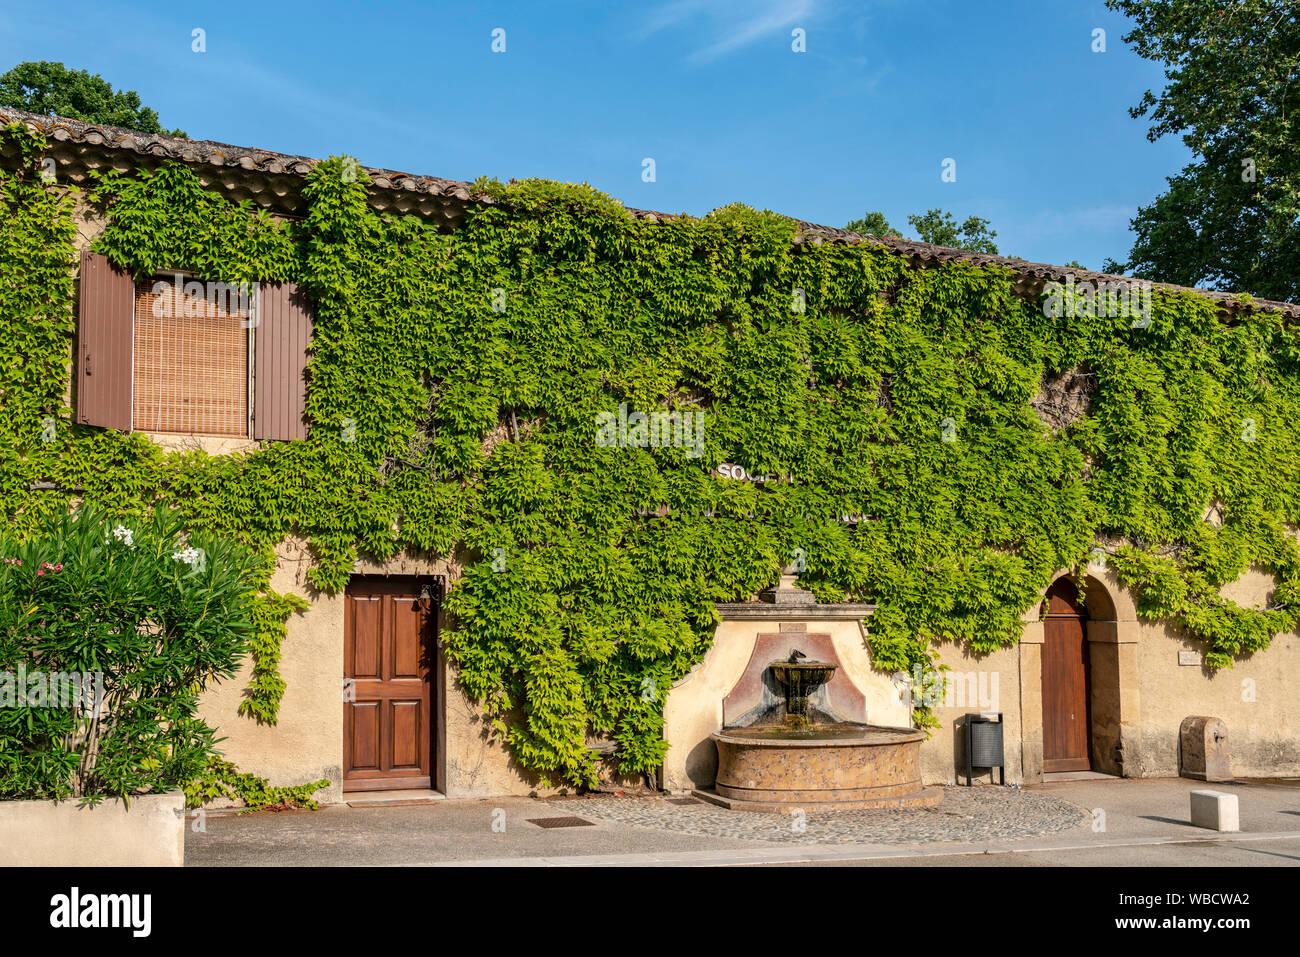 Fuente, La société du Canal de Provenza Le Tholonet auf der Route Cezanne , Provence, Francia Foto de stock